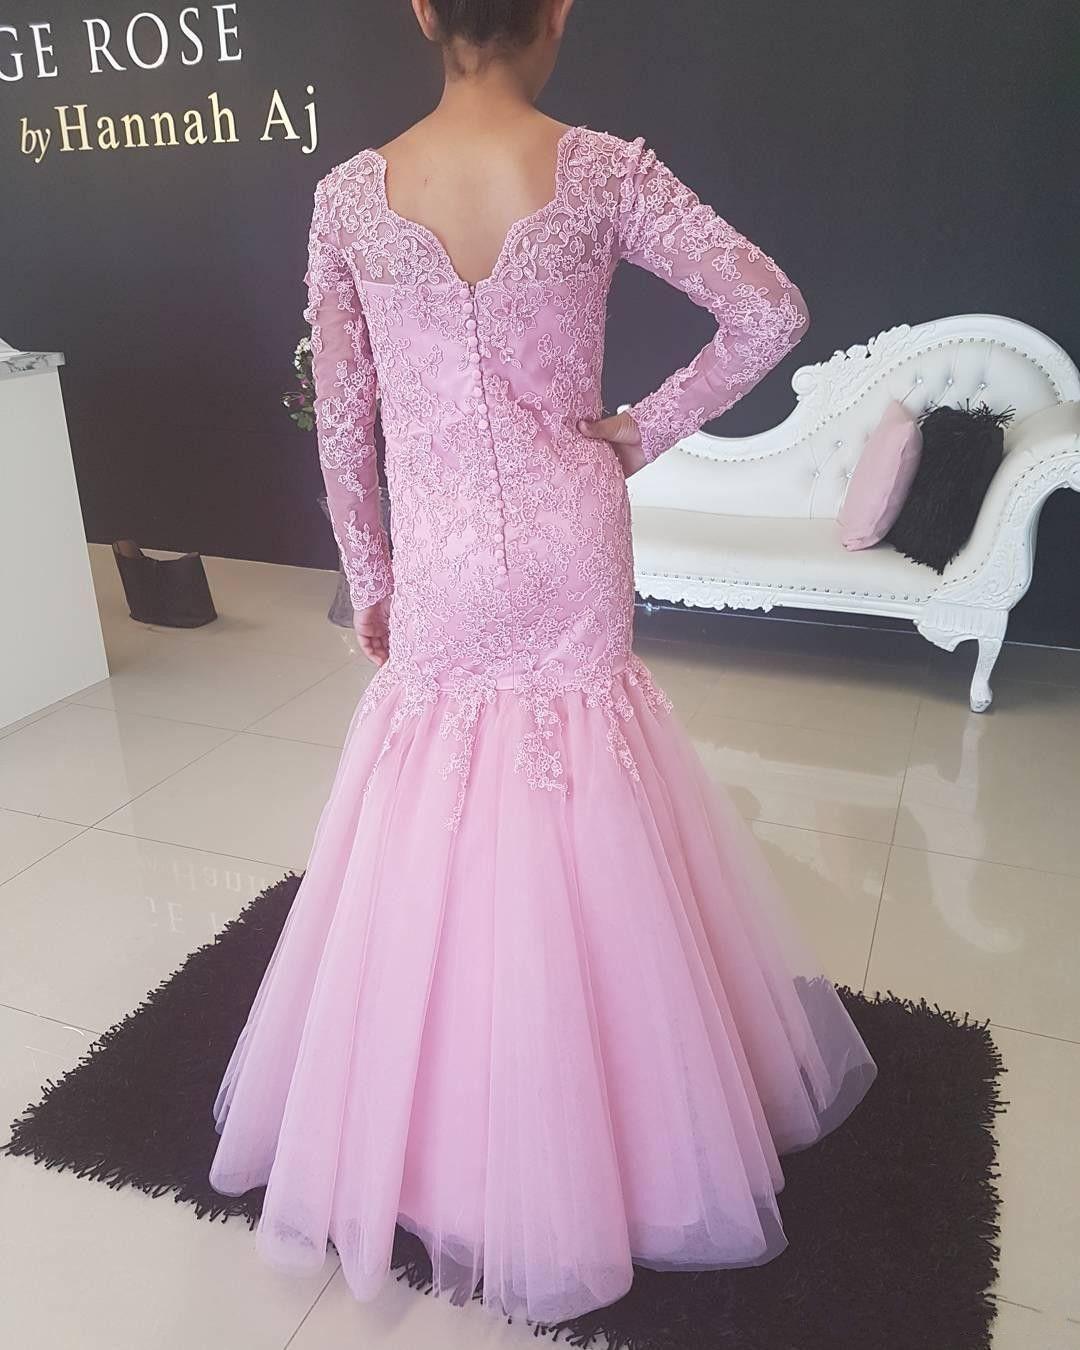 Pembe Mermaid Kızlar Pageant Elbise Uzun Kollu Dantel Düğün Çiçek Kız Elbise Bateau Boyun Kat Uzunluk Tül Çocuk Örgün Elbiseler Toddler törenlerinde